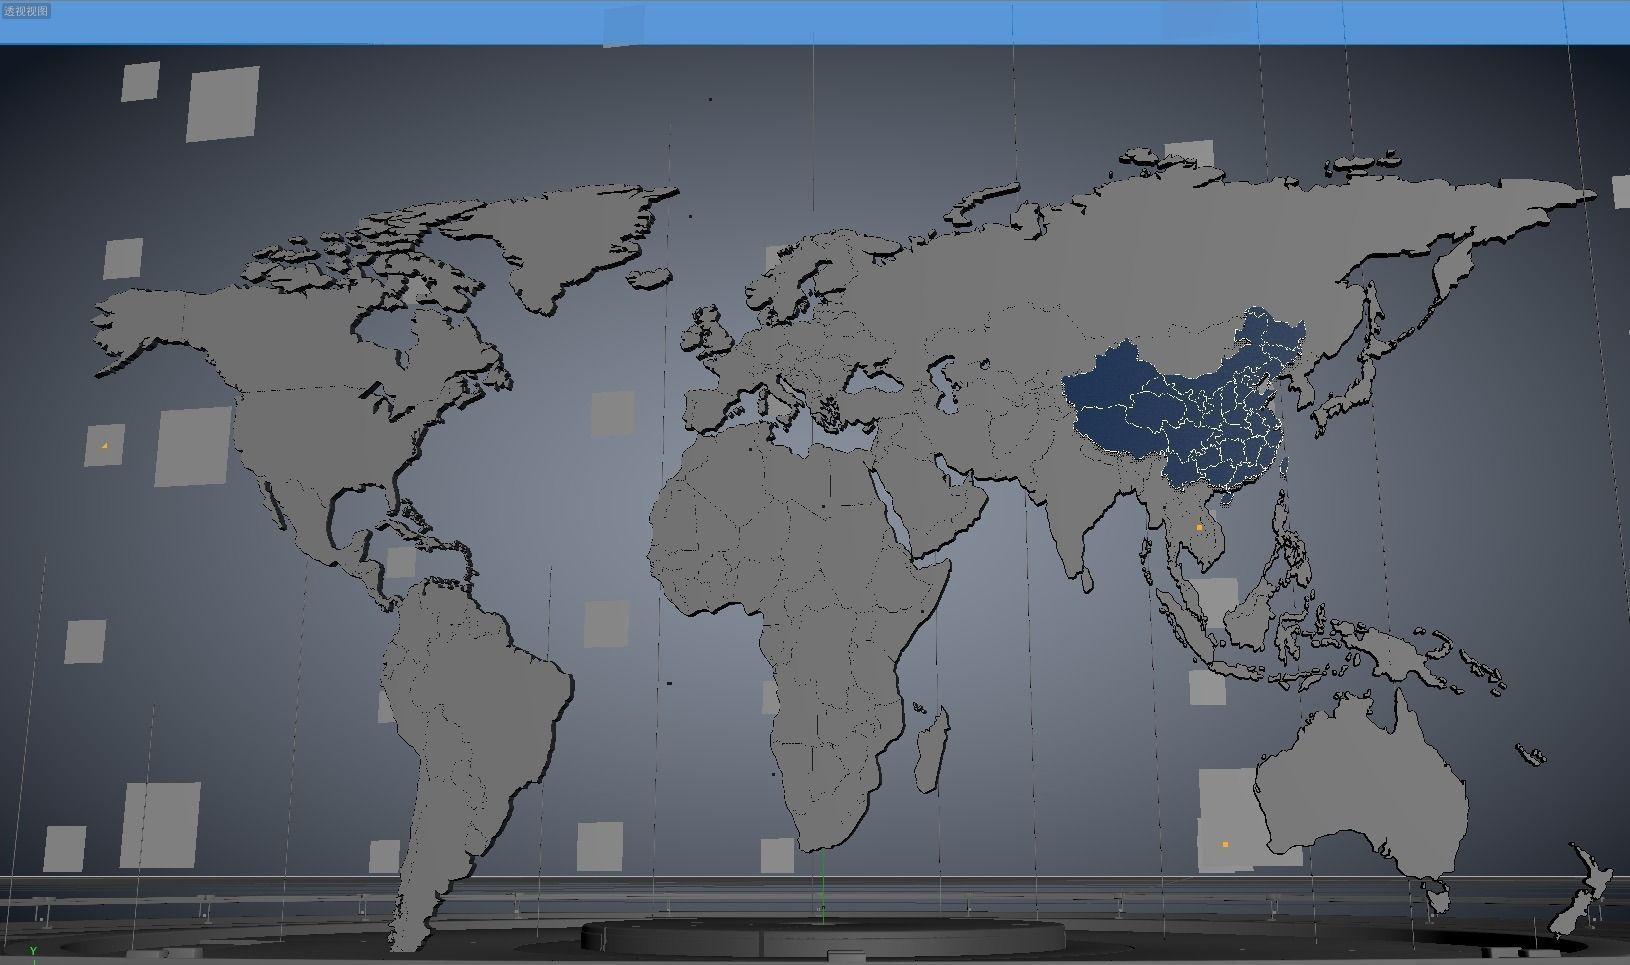 3d cinema 4d world map cgtrader cinema 4d world map 3d model fbx c4d 4 gumiabroncs Choice Image